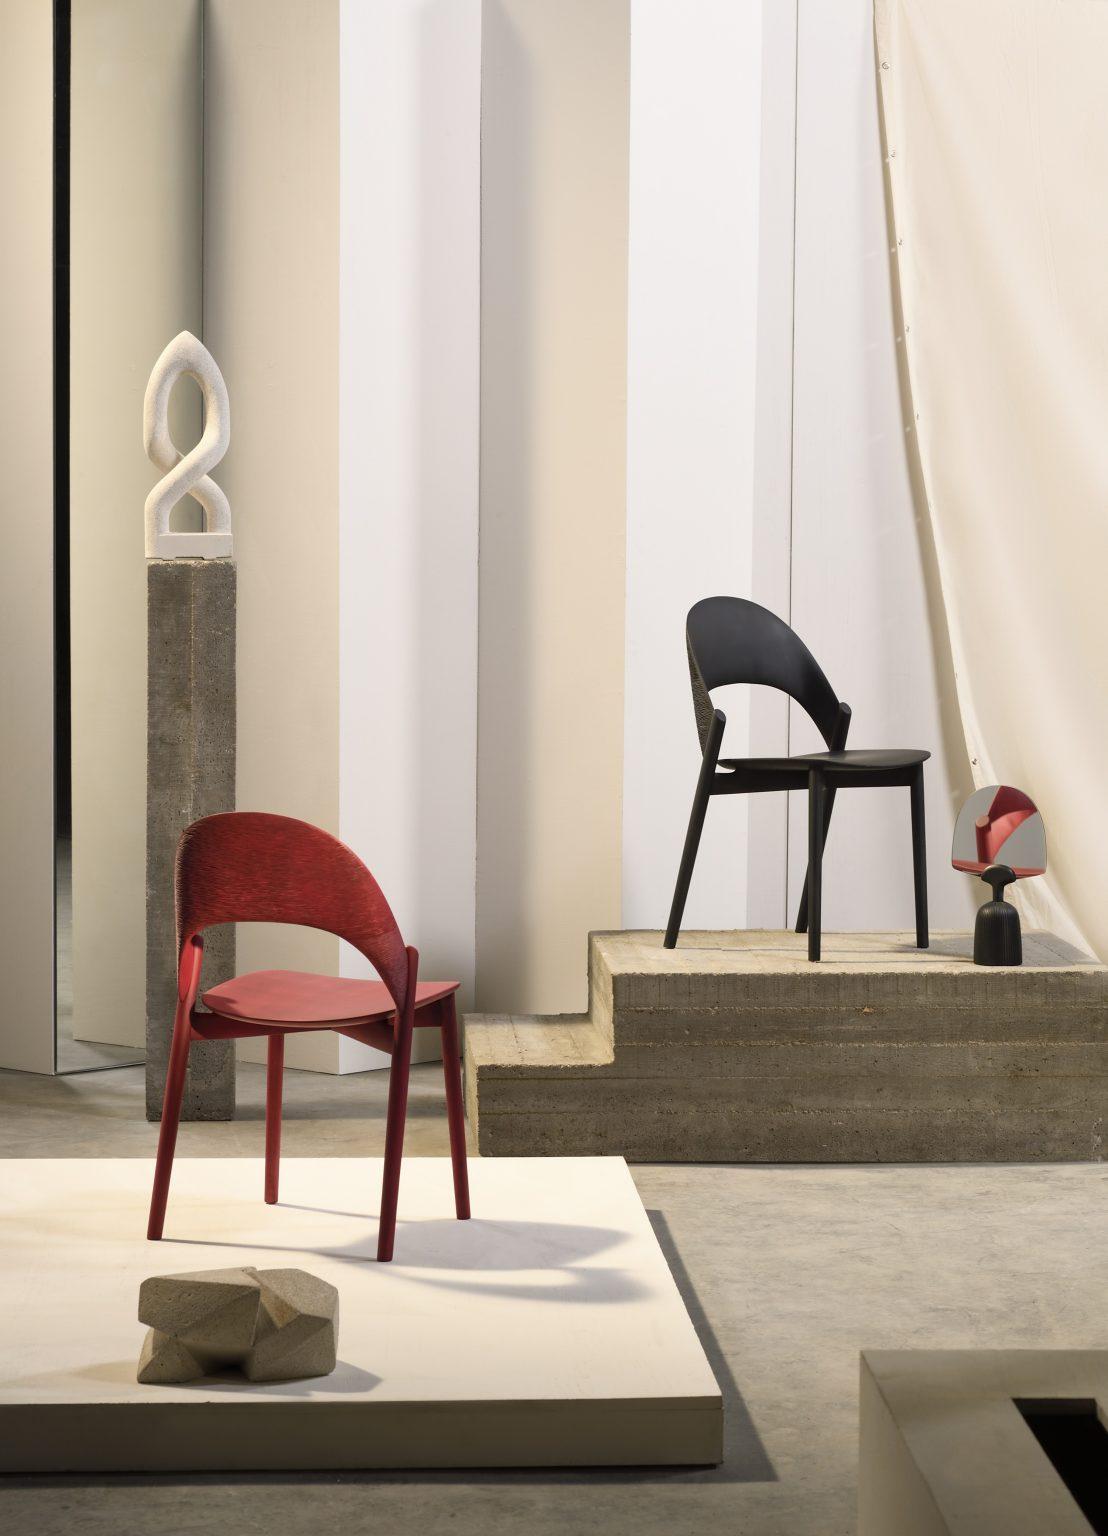 Biennale Interieur - Belgium's leading design and interior event - Dsc6012_00001.jpg